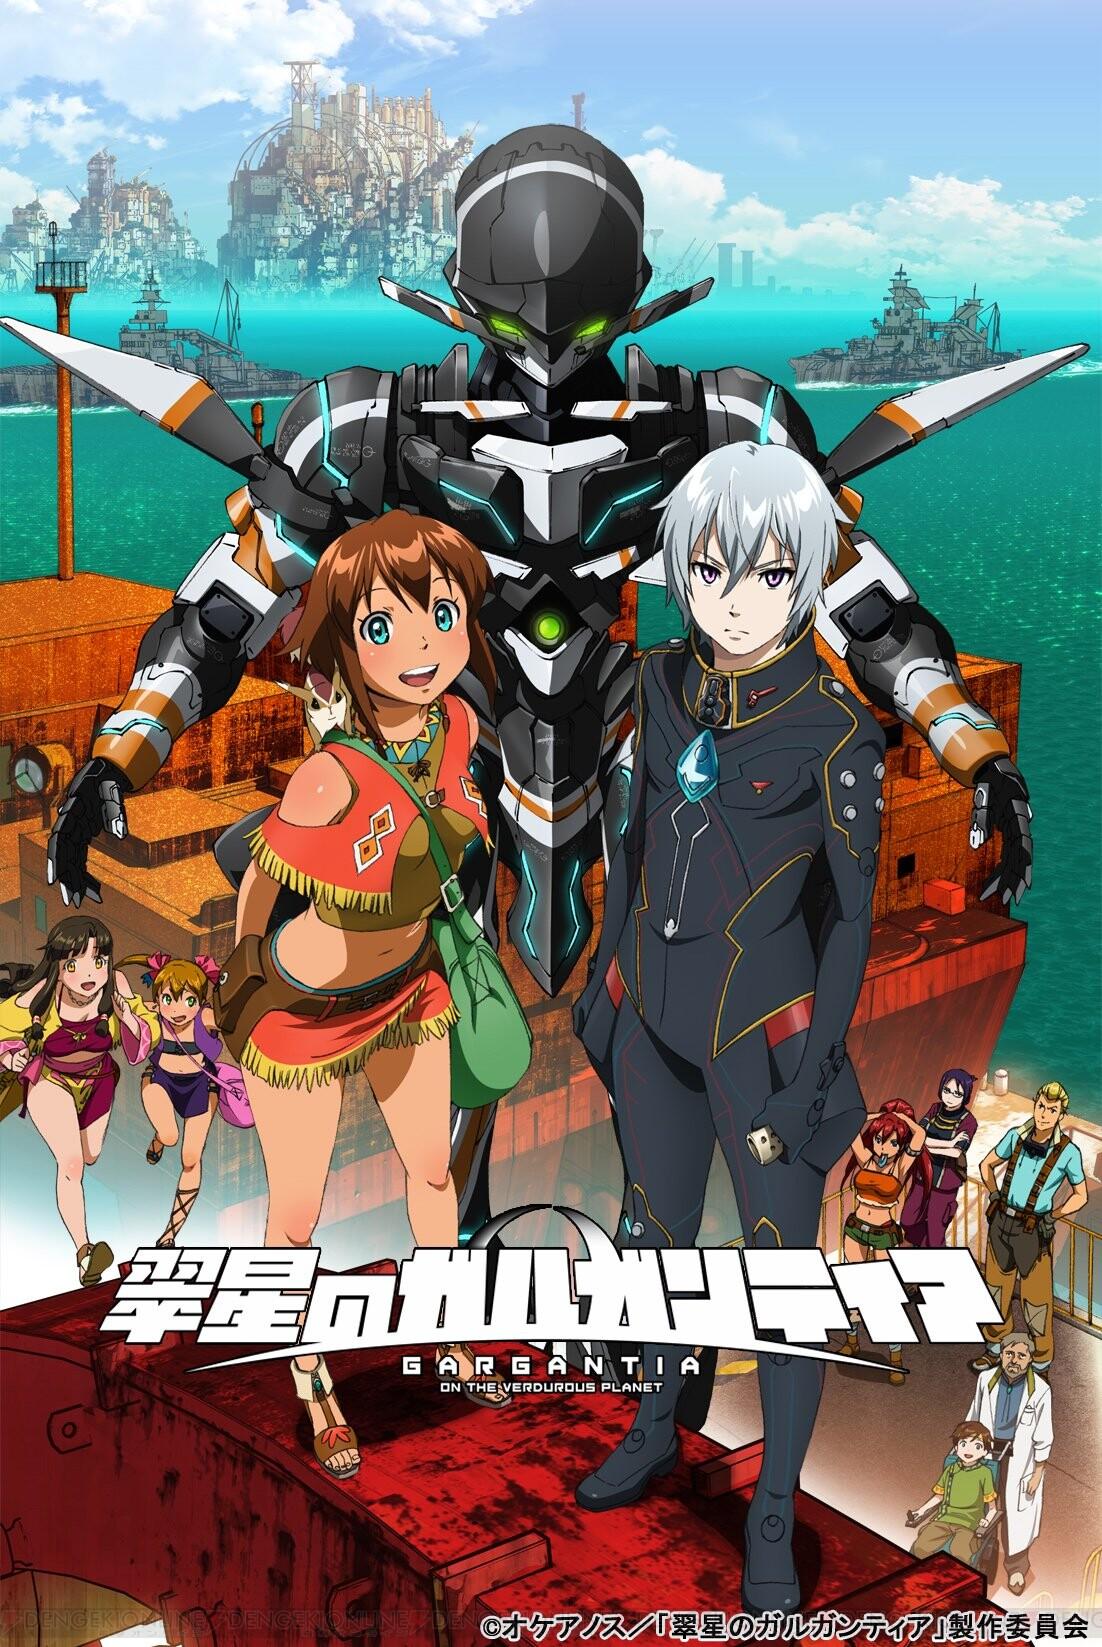 アニメ『翠星のガルガンティア』が2020年1月から再放送